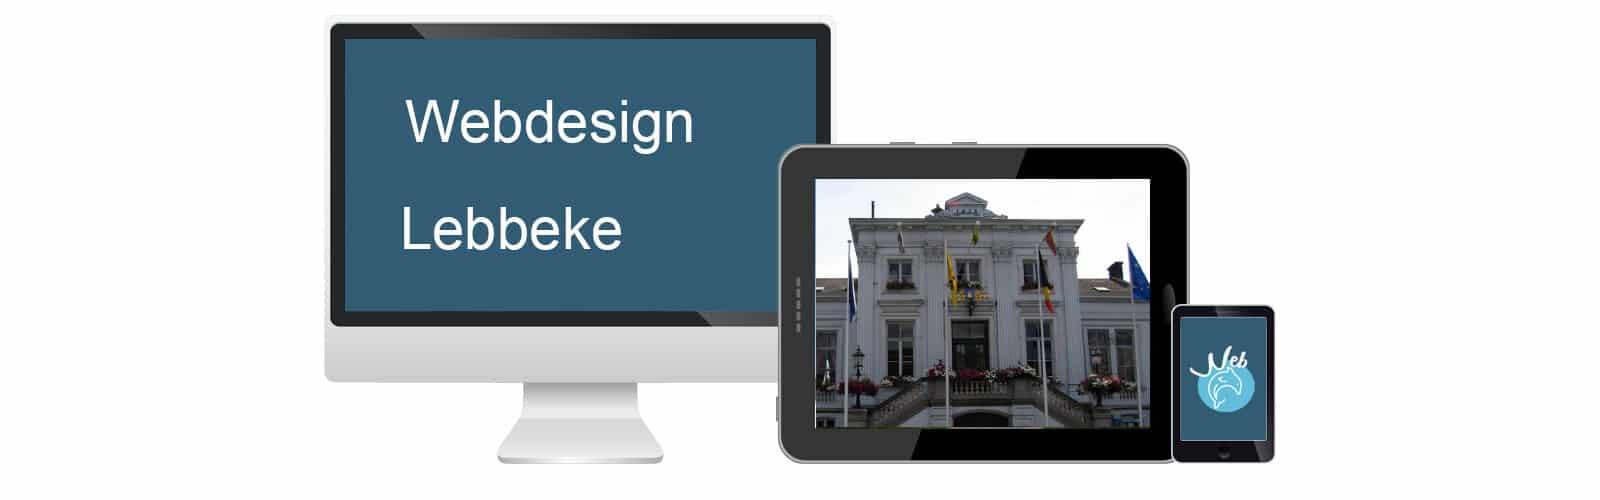 Webdesign Lebbeke - webdolfijn